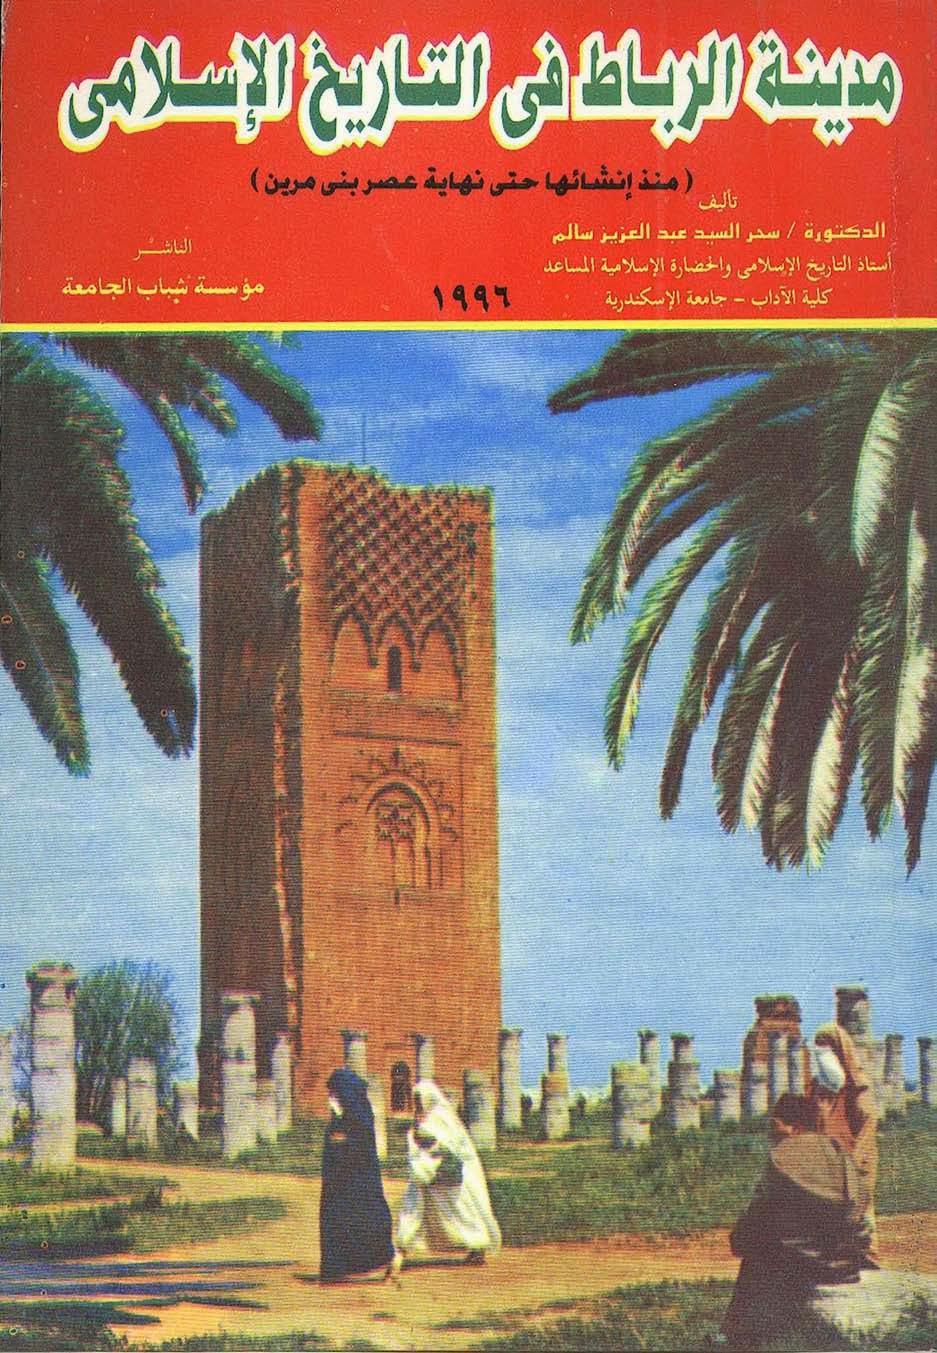 مدينة الرباط في التاريخ الإسلامي لـ سحر السيد عبد العزيز سالم